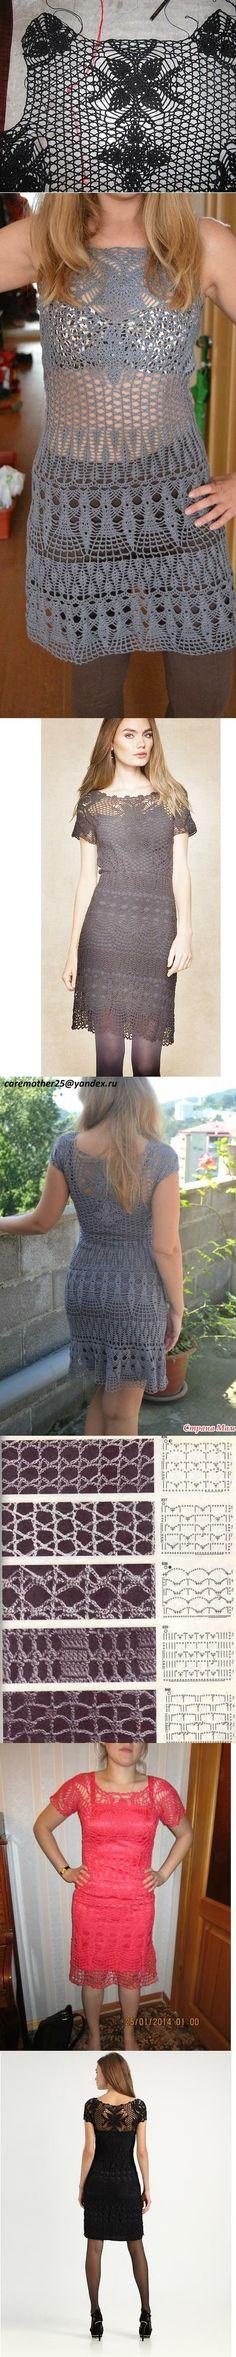 Звёздочка моя. Изысканное платье от Ralph Lauren. http://club.osinka.ru/topic-143838